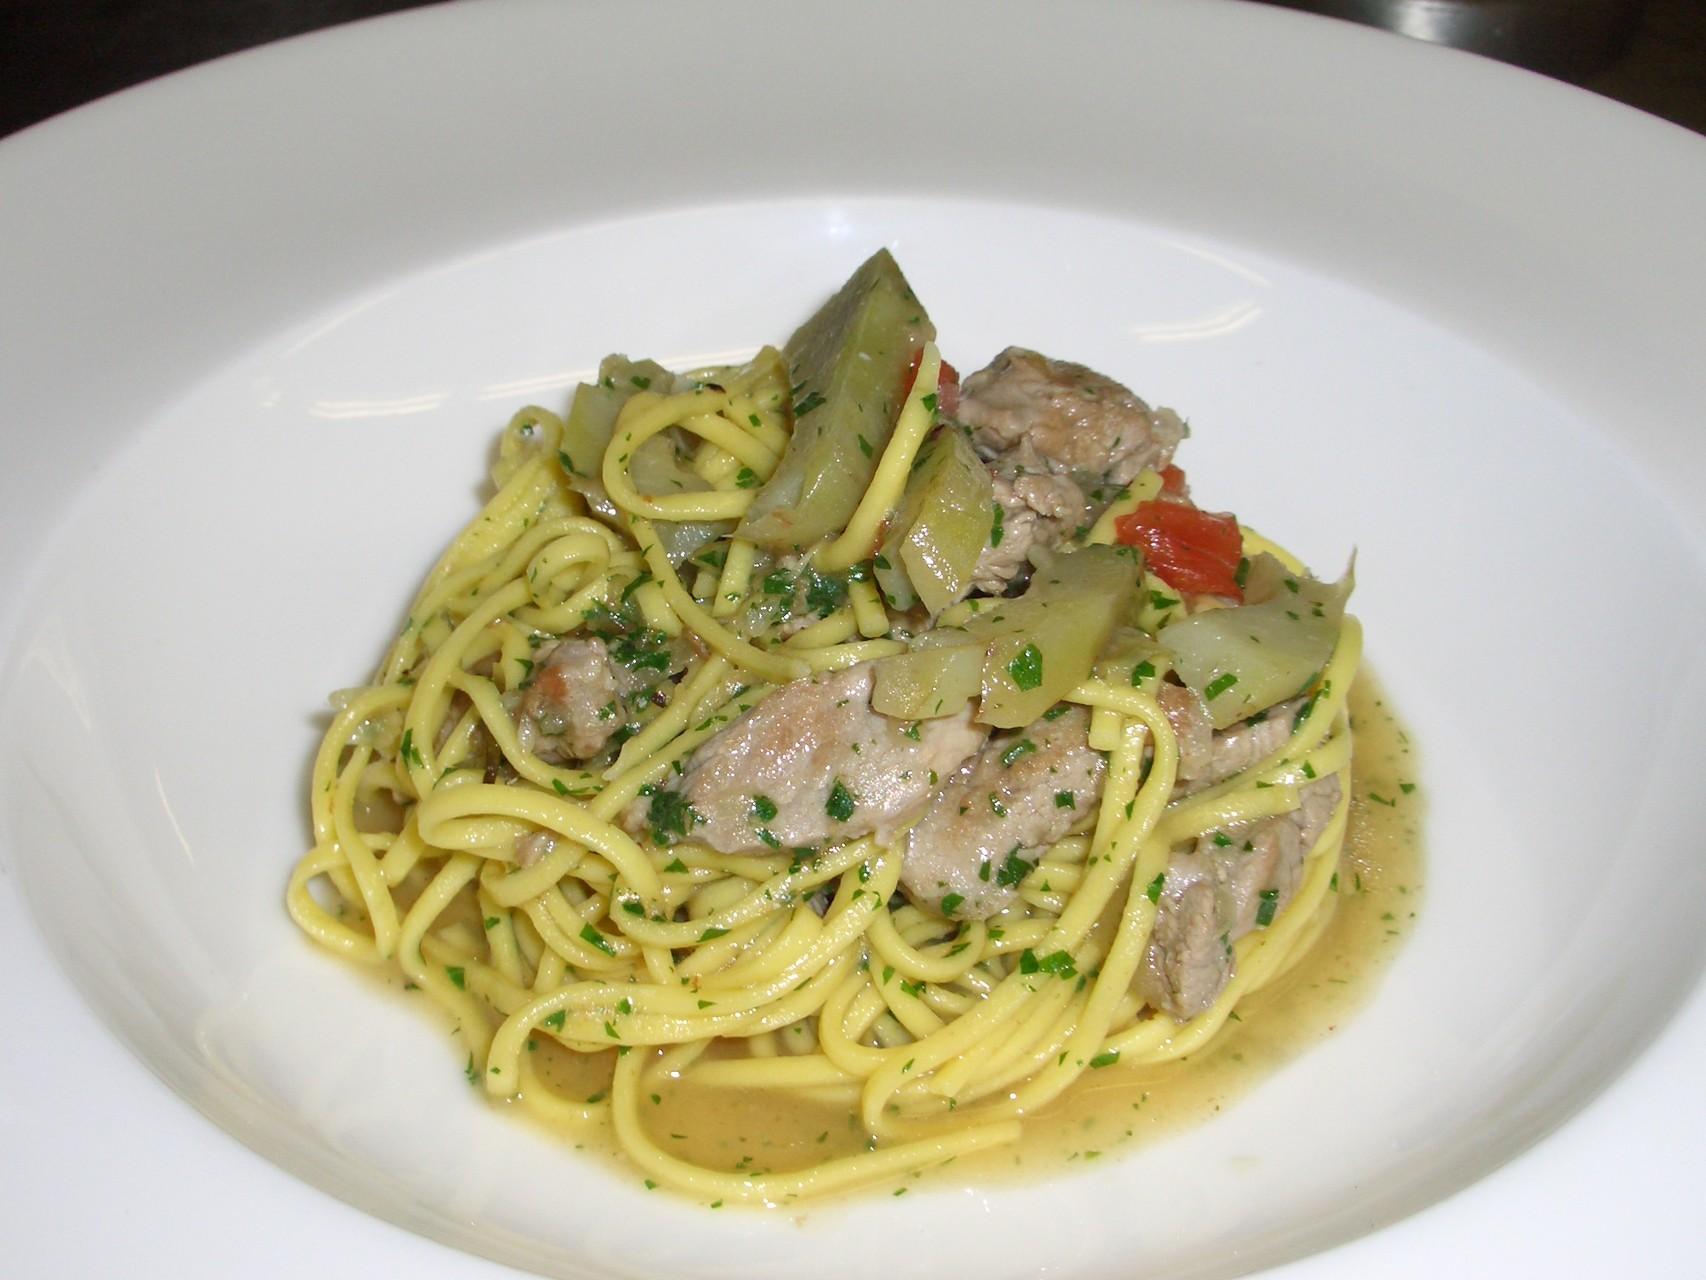 Tagliolini with artichokes